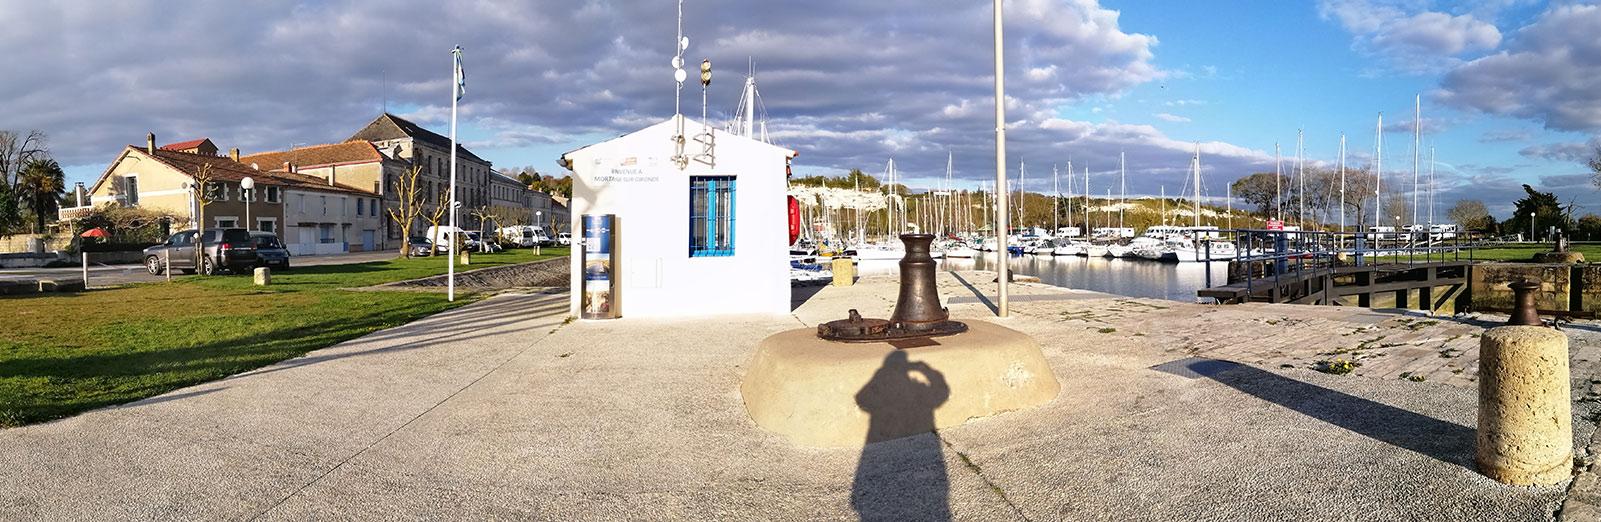 Vivre à Mortagne sur Gironde